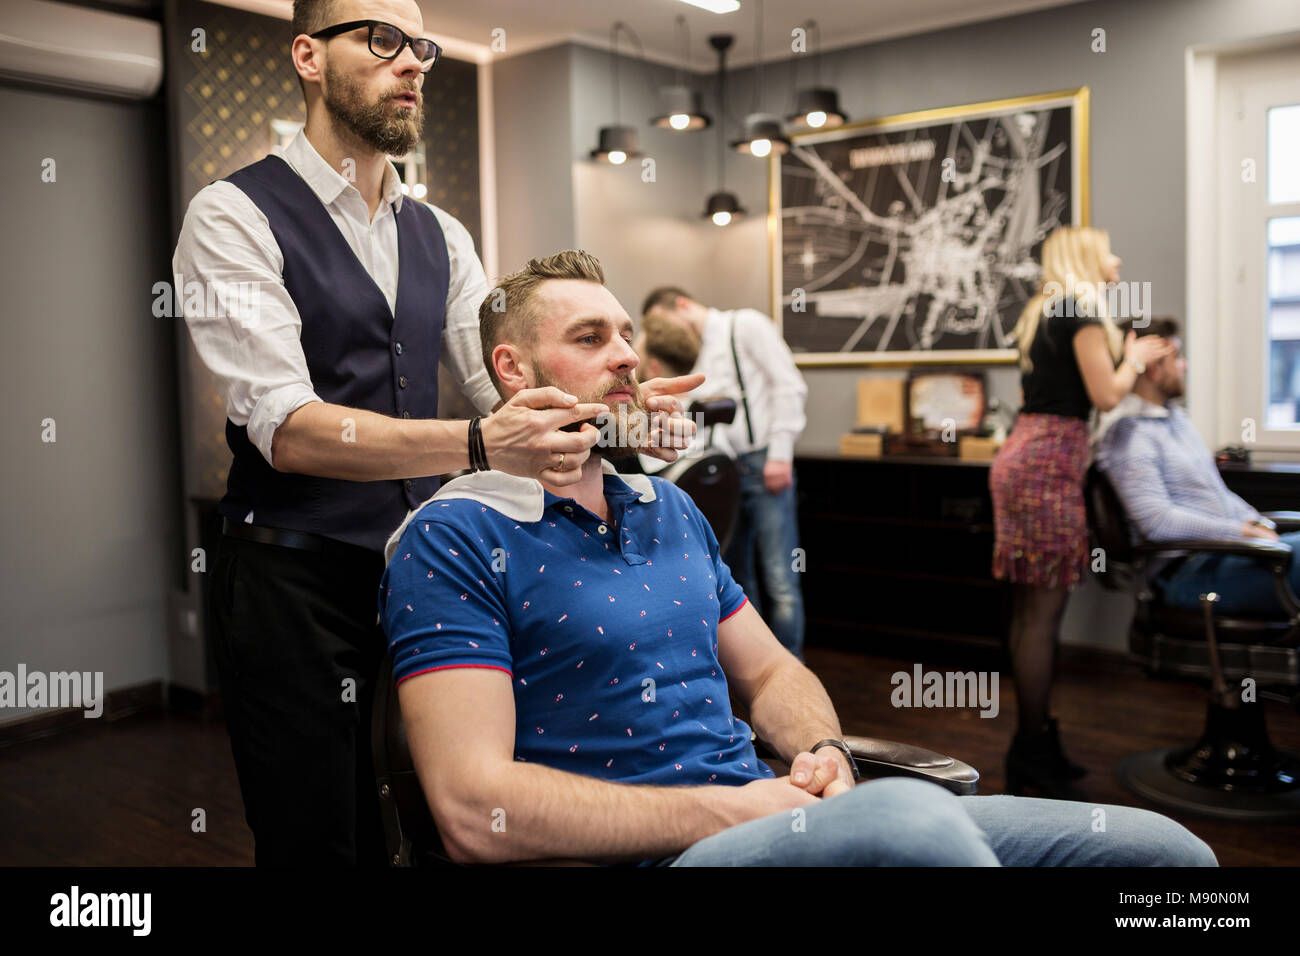 Portrait of barber preparing customer for shaving - Stock Image